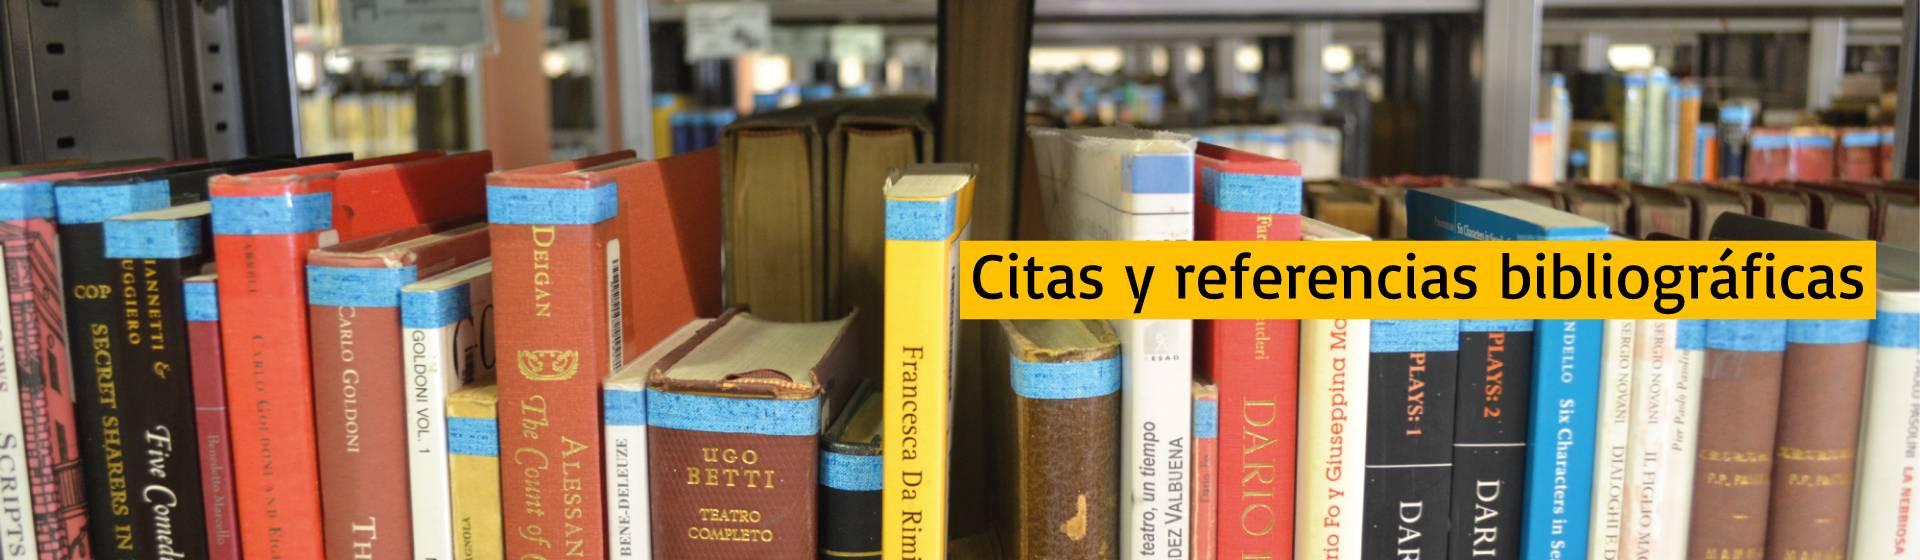 Citas y referencias bibliográficas | Uniandes